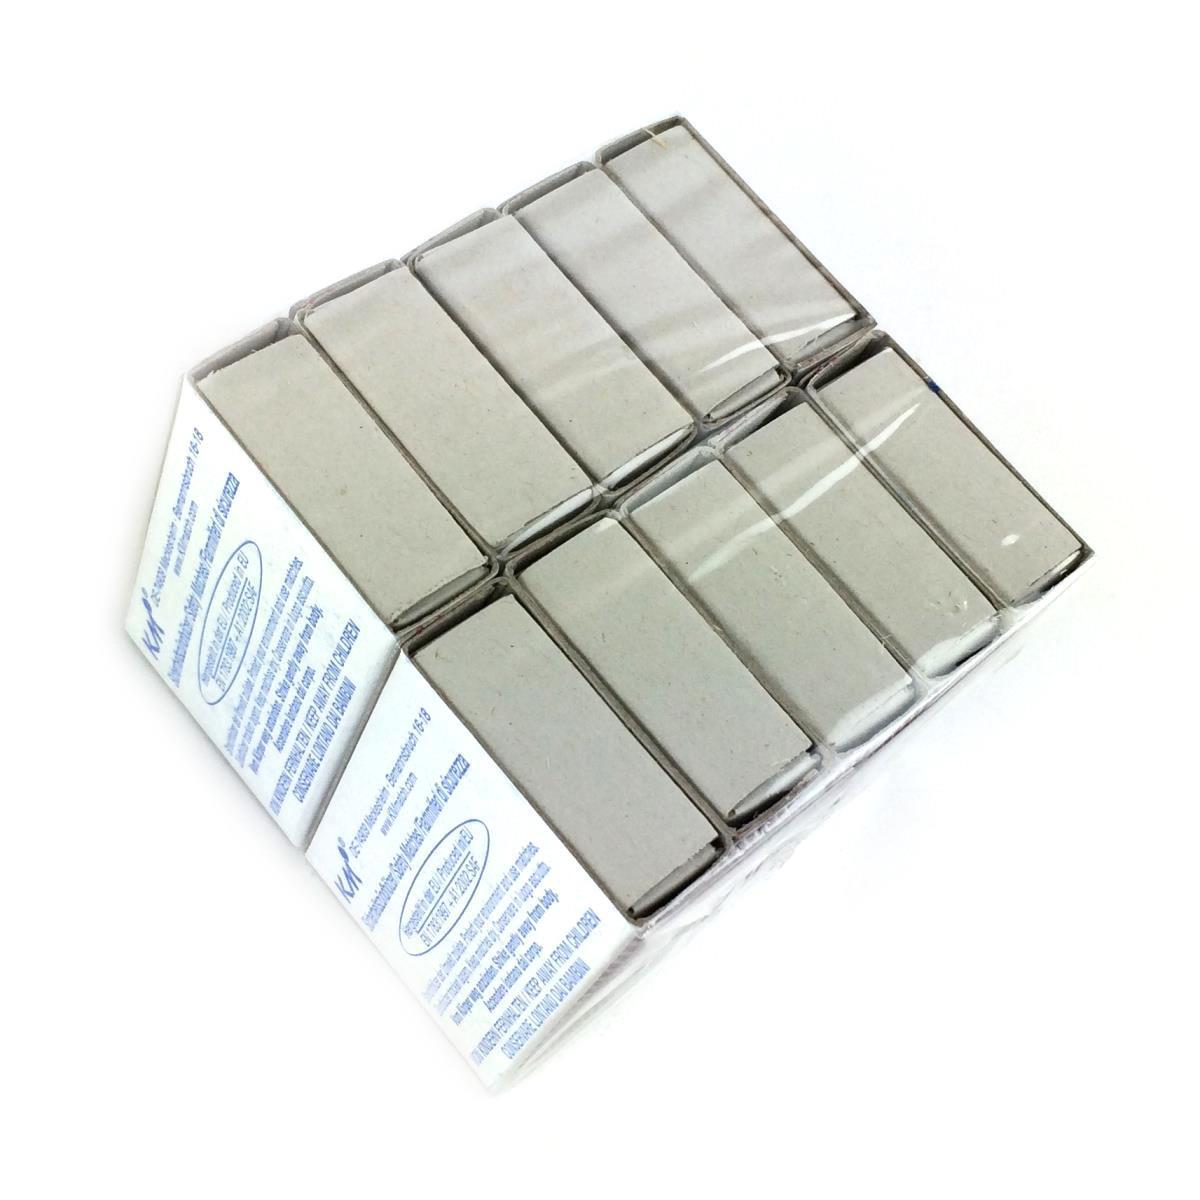 Europa Streichhölzer, Zündhölzer, Zündholzschachtel, 10 er Pack,KM Zündholz International,4004753000504, 4004753000504